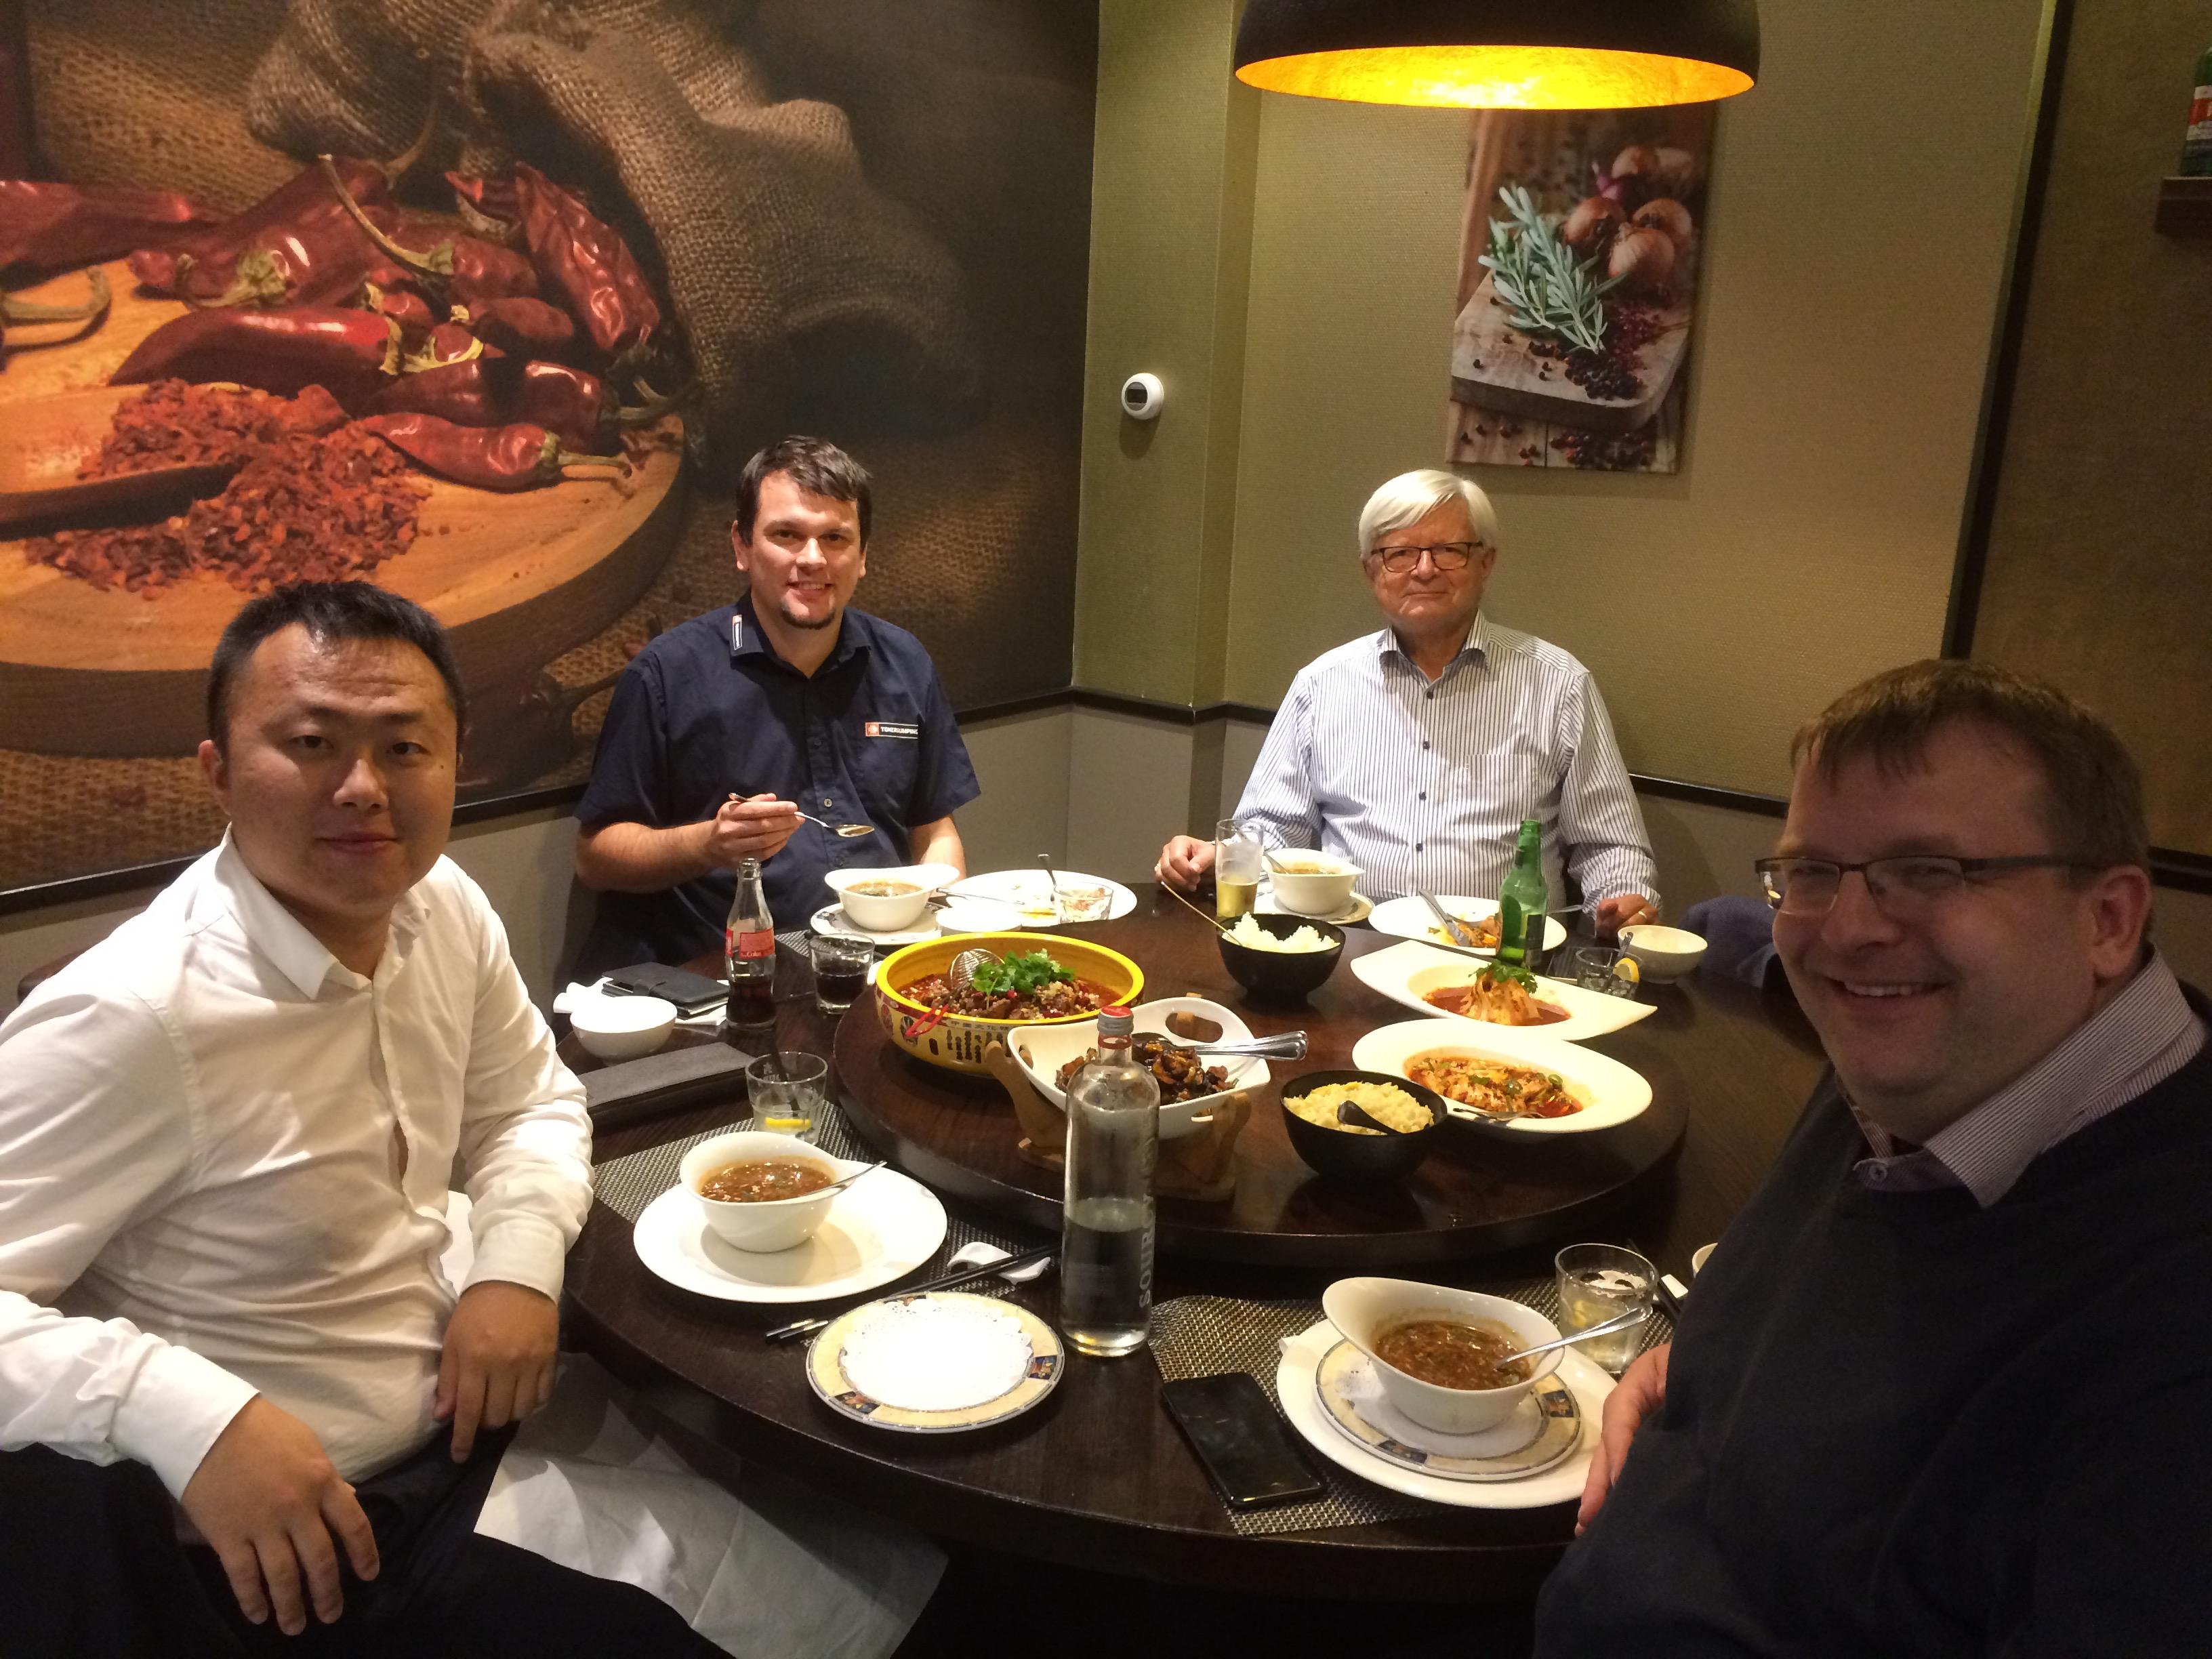 Mittagessen in einem traditionell chinesischen Restaurant in Amsterdam. Seine Holland Geschäftsführer Oleg Zhao und das TONERDUMPING-Team Daniel Orth, Karl Kallinger und Friedbert Baer (von links nach rechts).